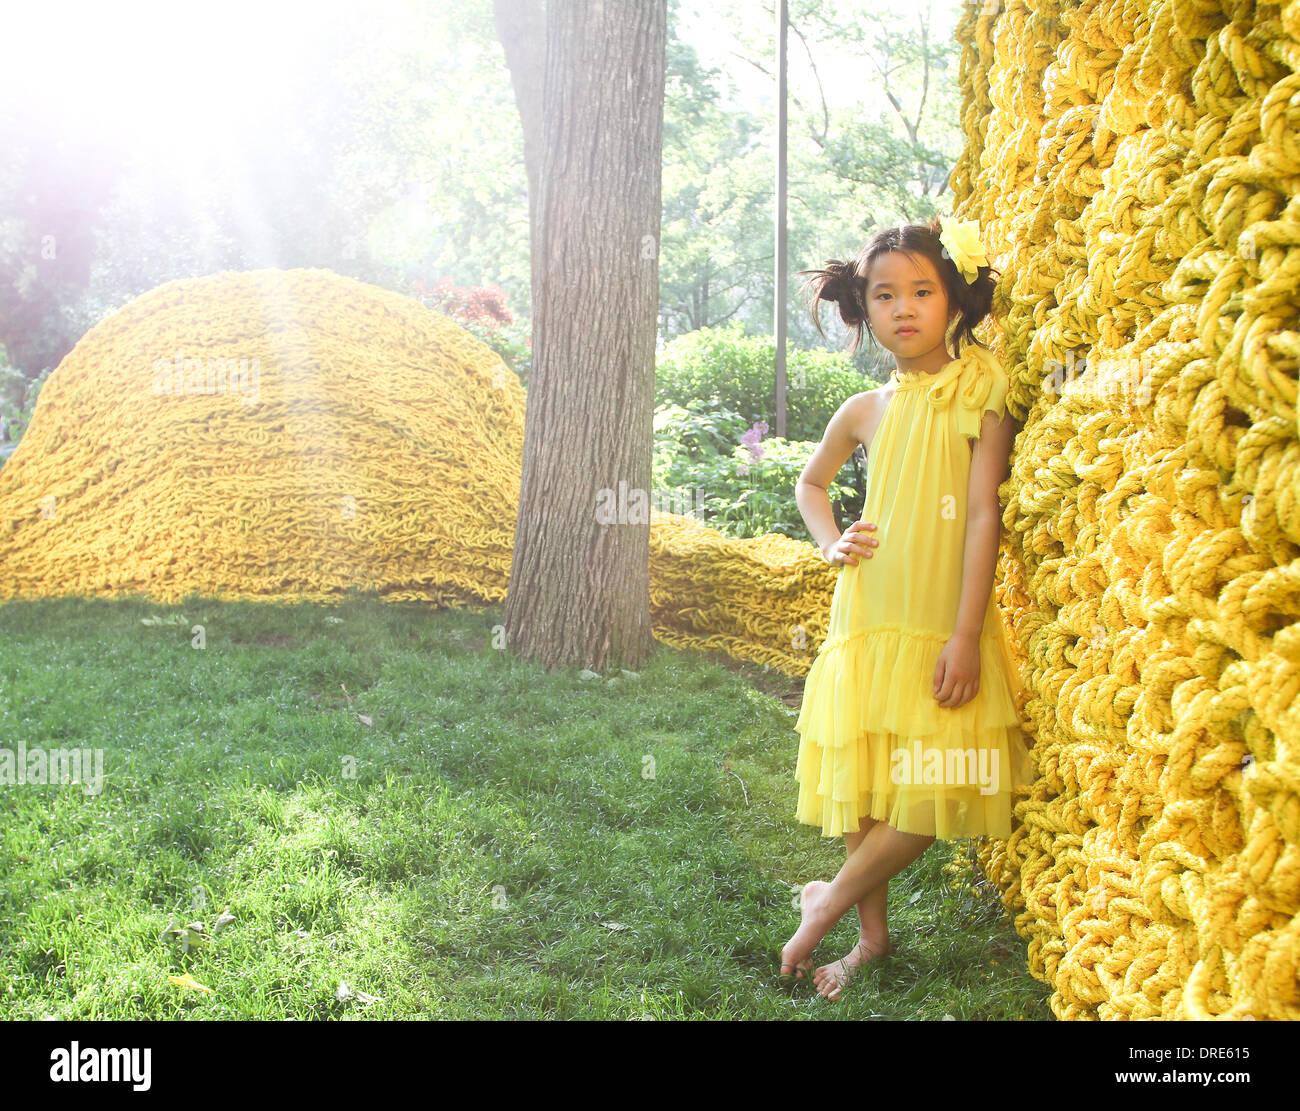 Junge asiatische Mädchen in gelben Kleid in der Nähe von gelbe Wand Stockbild